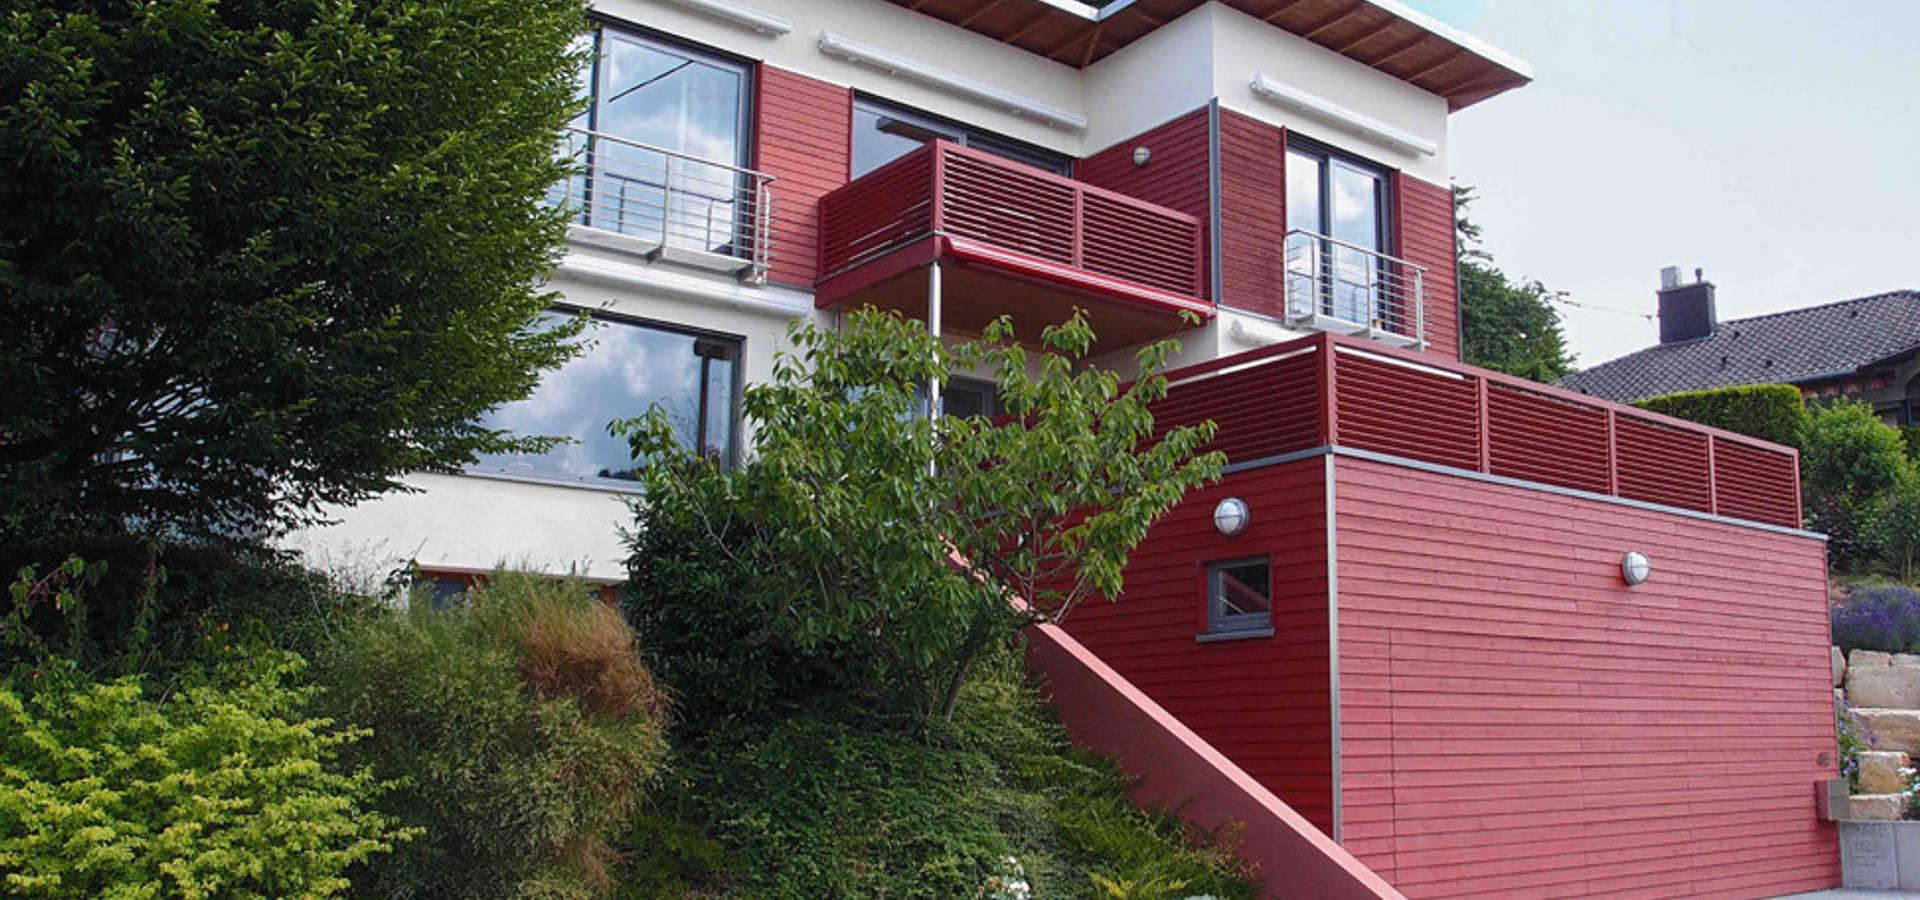 planungsbüro für architektur, innenarchitektur - schausbreitner, Innenarchitektur ideen